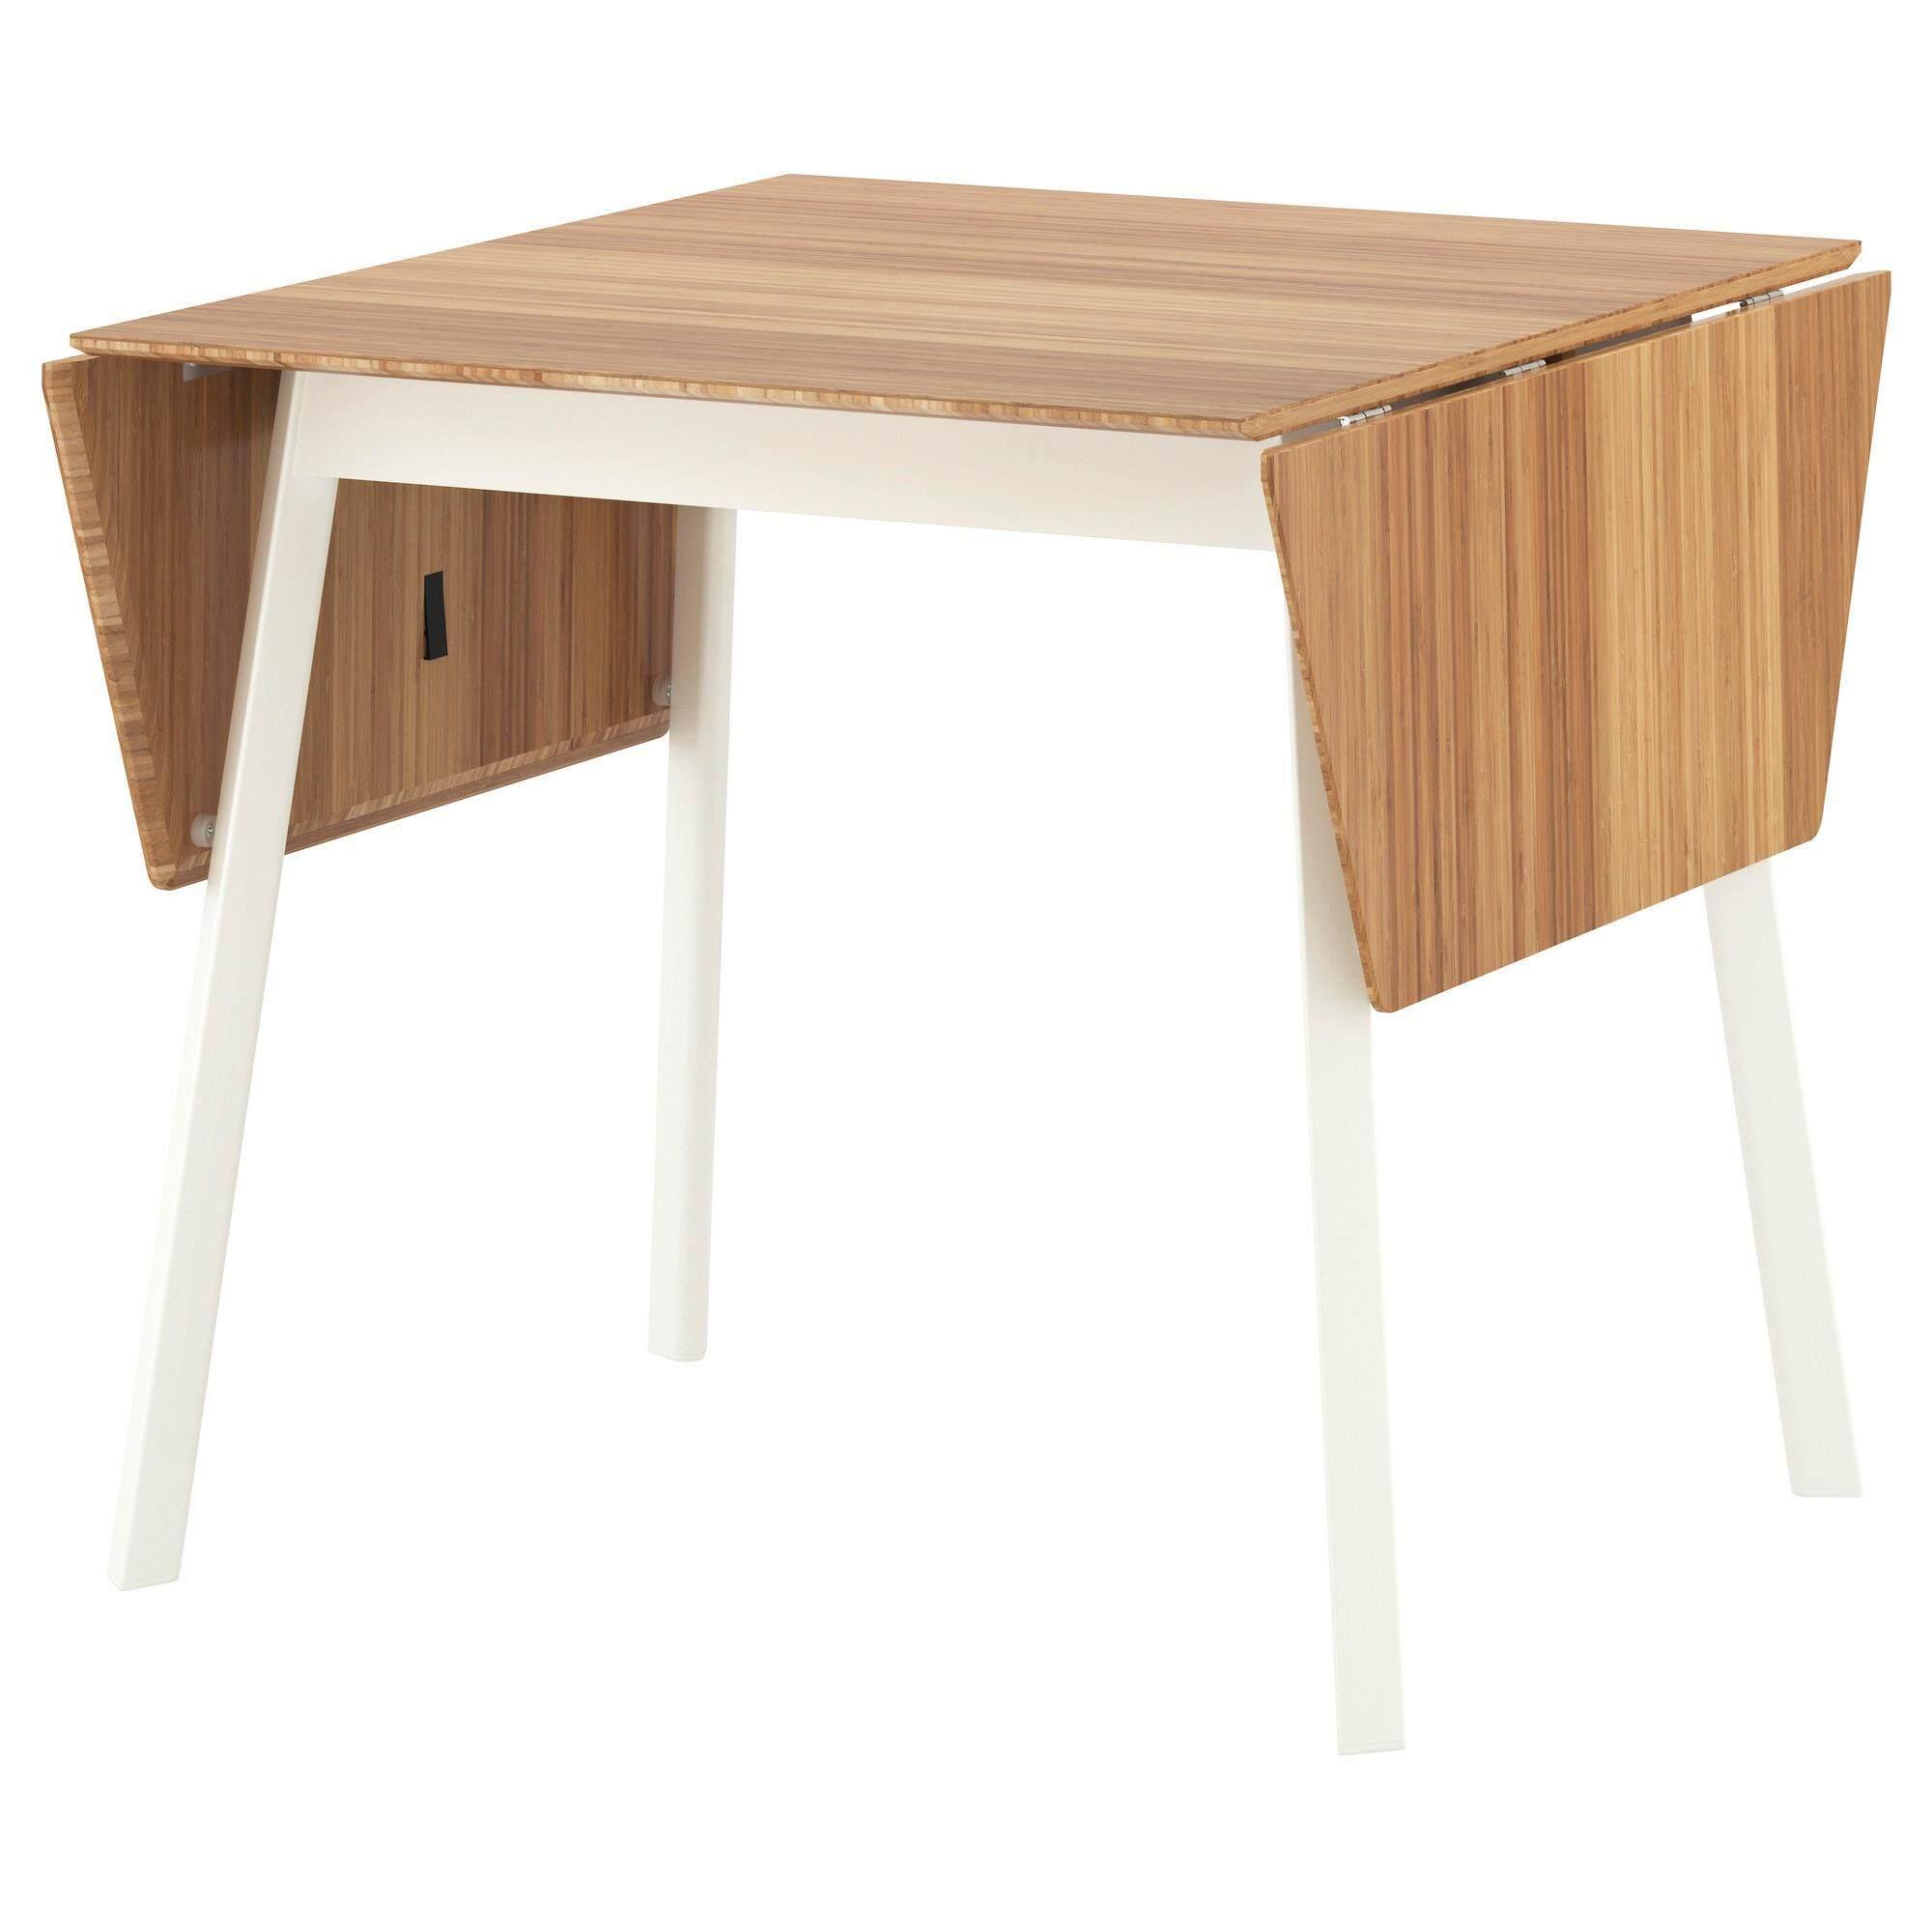 โต้ะทำงาน โต้ะคอม โต้ะเกมส์ โต้ะเขียนหนังสือ โต๊ะพับข้าง, ไม้ไผ่, ขาว ขนาด 74/106/138x80 ซม. โต๊ะปรับขยายได้ Ikea Ps 2012 2012  ขนาด 74/106/138x80 ซม..